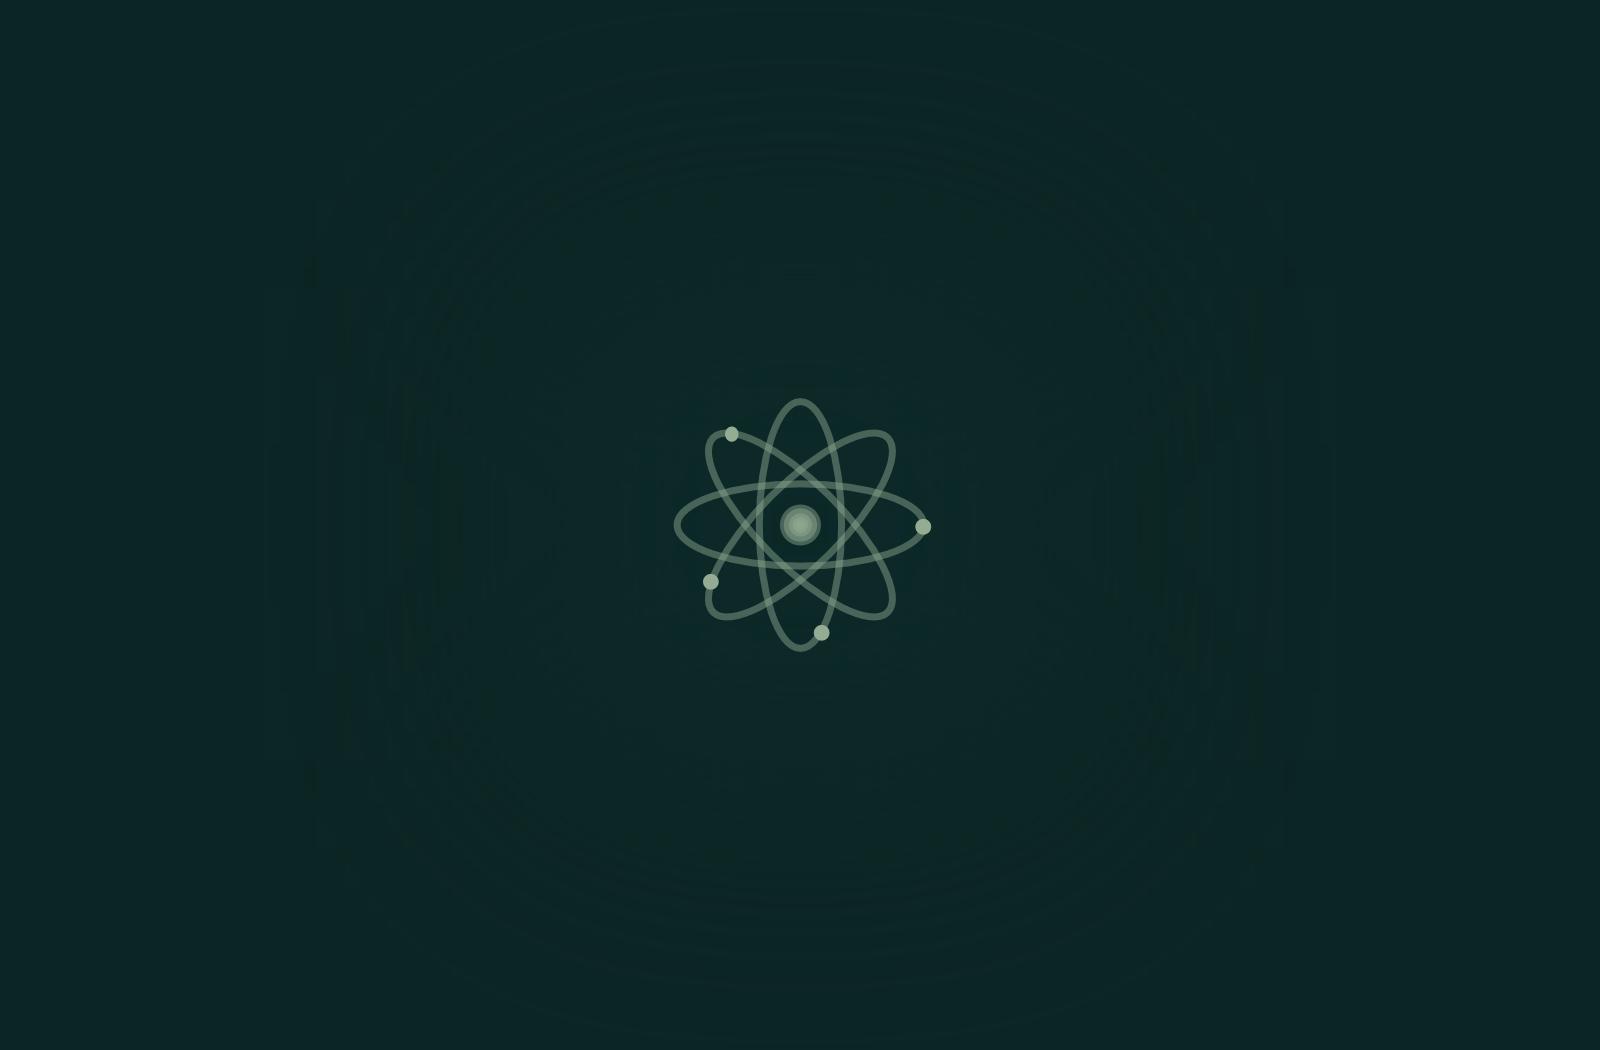 Atom Wallpaper - WallpaperSafari Chemistry Atoms Wallpaper